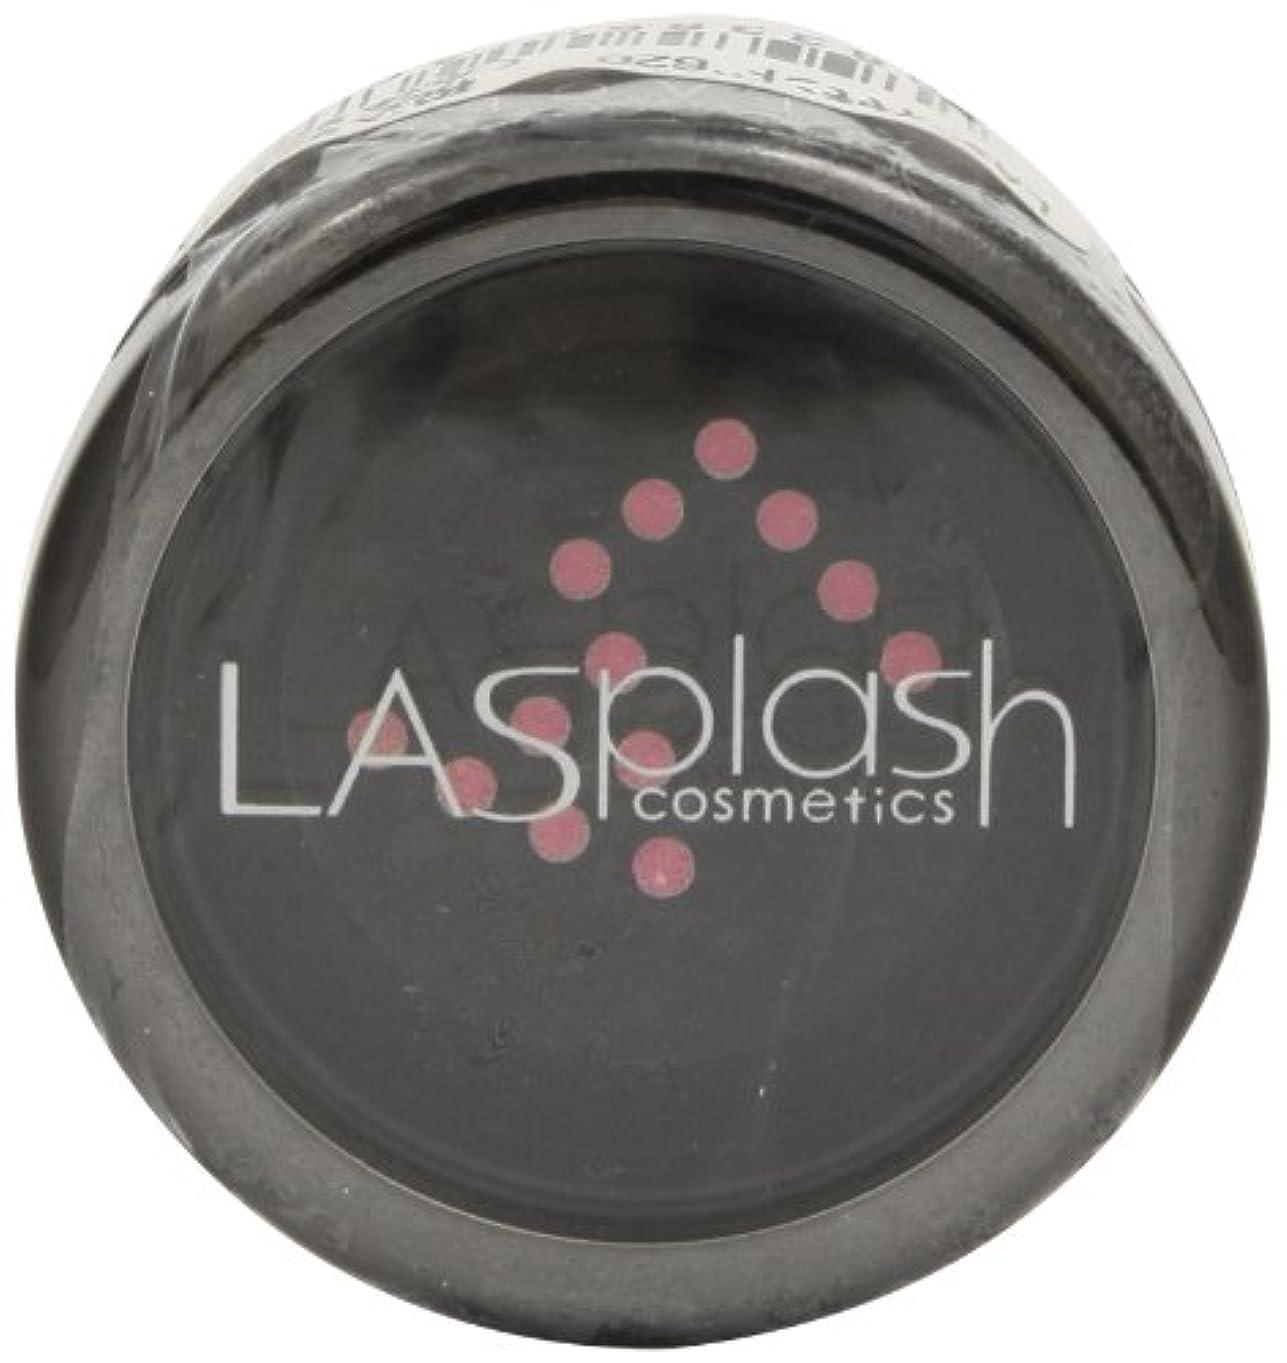 優雅サイズご覧くださいLASplash ダイヤモンドダストアイシャドウ620ピンク